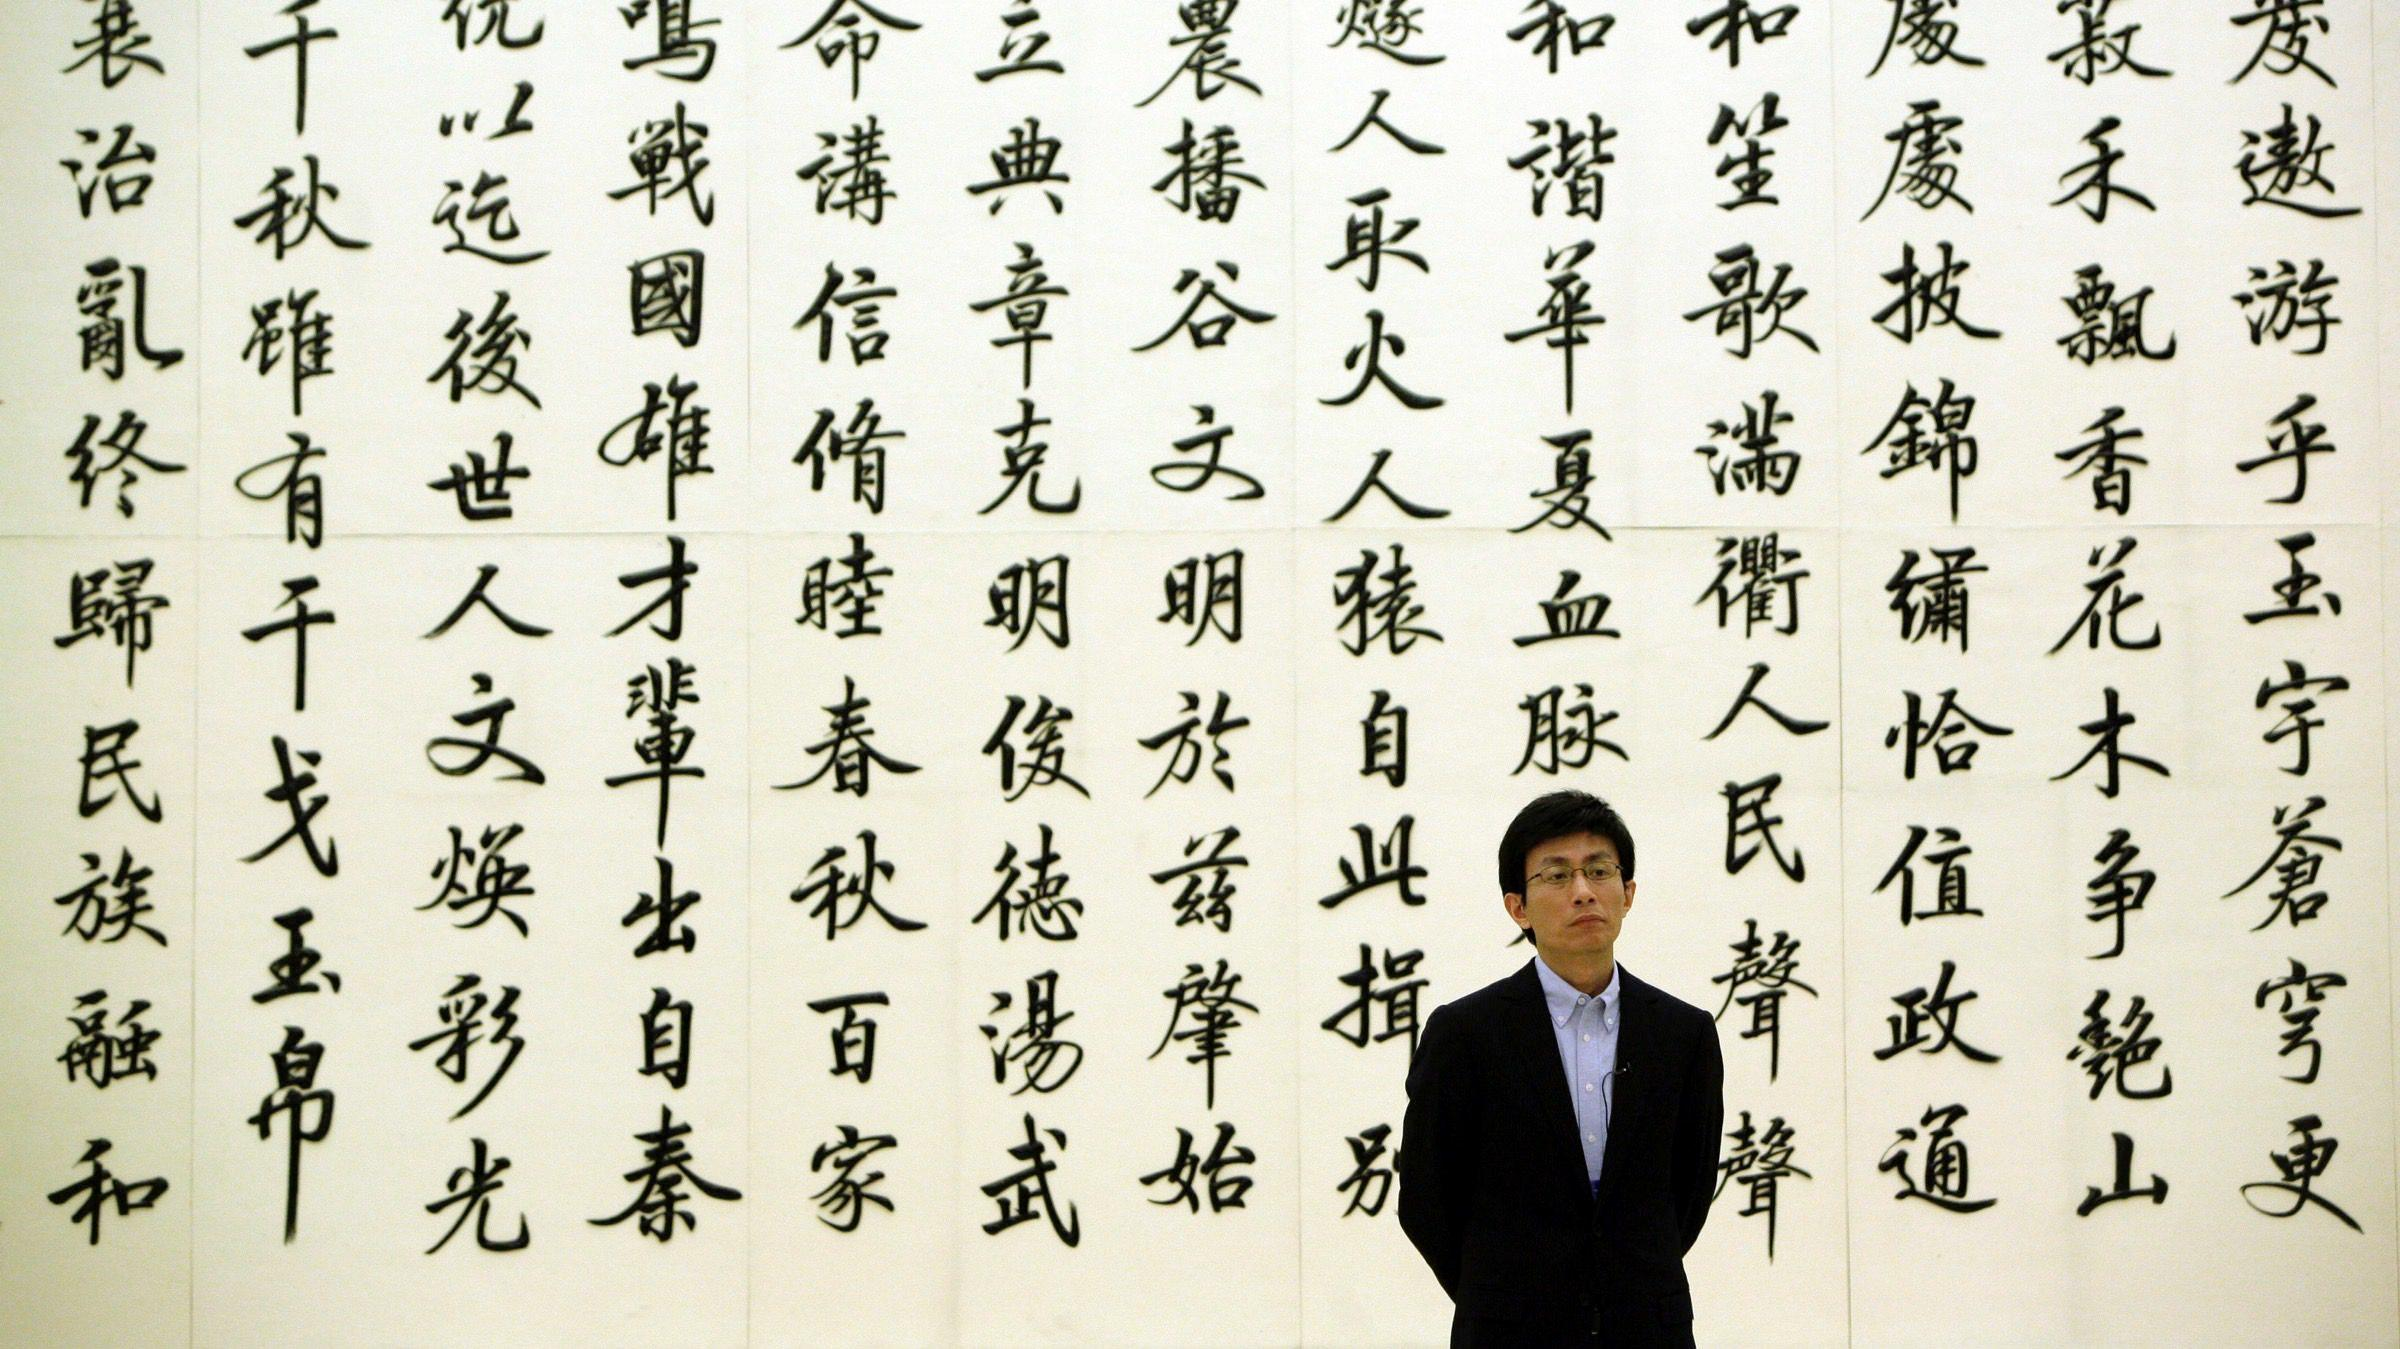 Топ 5 китайских современных поэтов